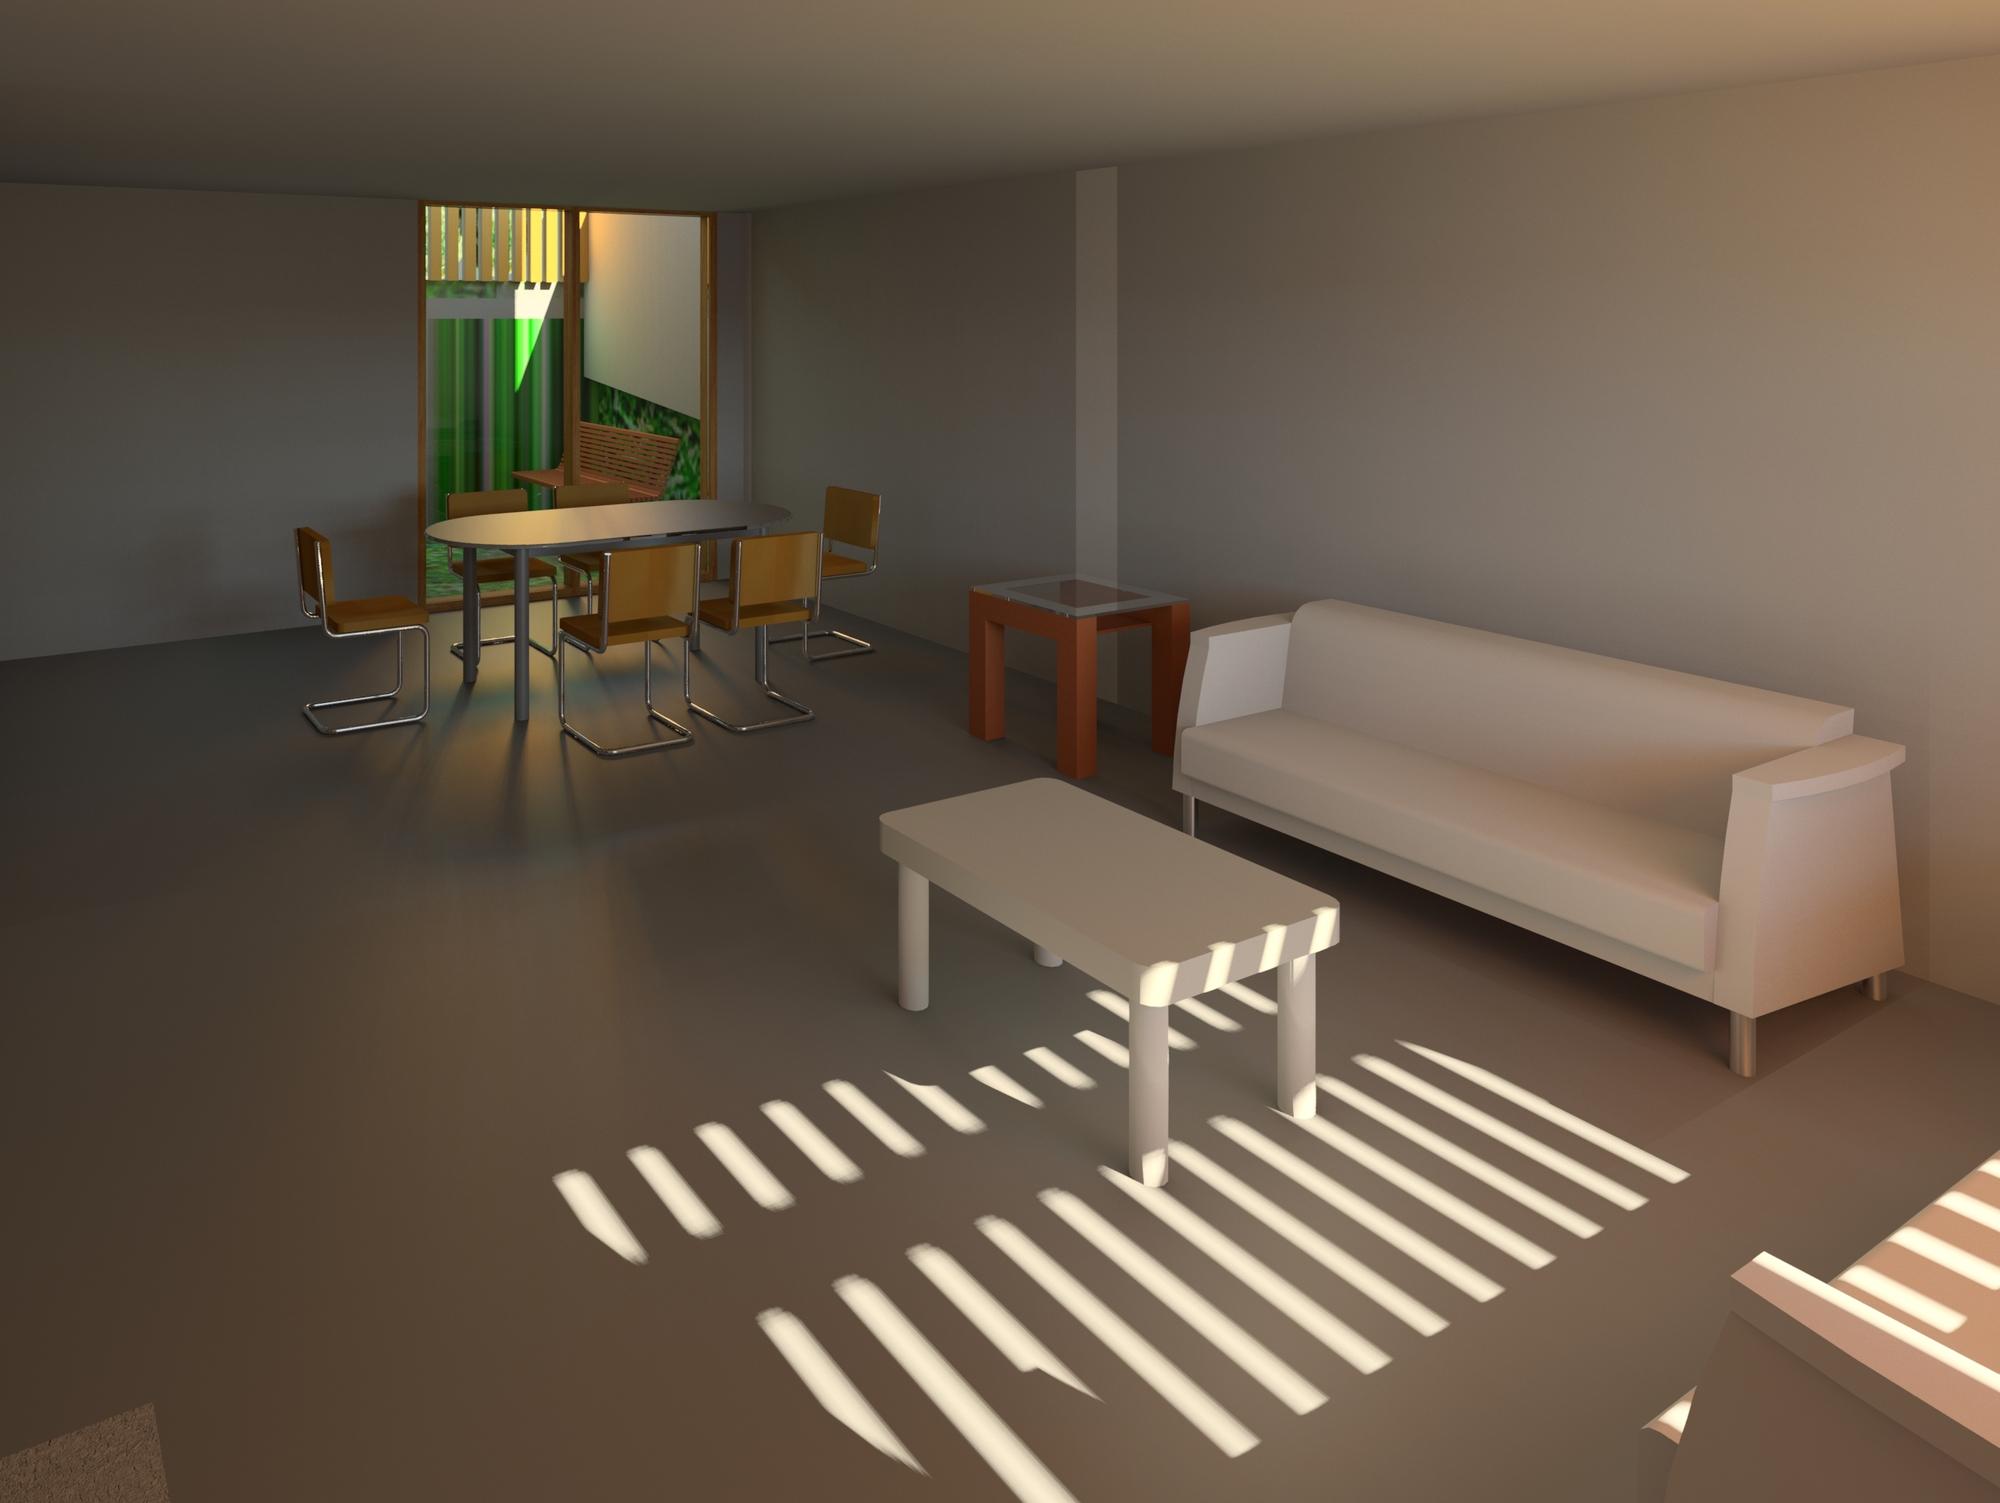 Raas-rendering20150112-19832-1ytsshb